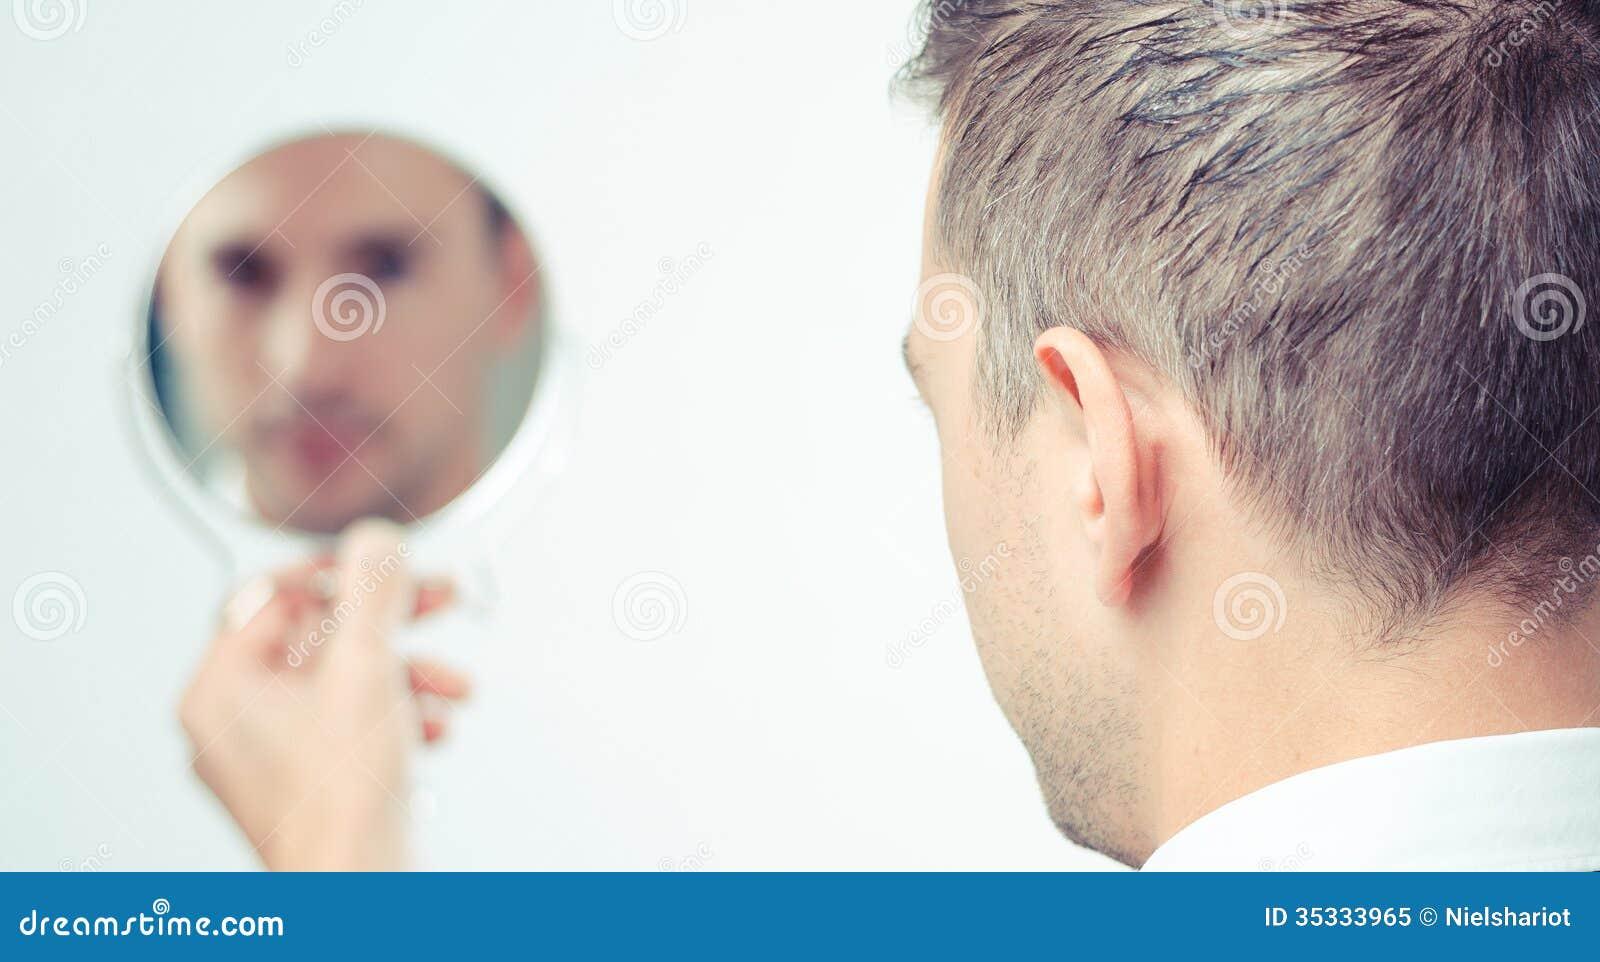 Regard dans le miroir et se refl ter photo libre de droits for Regard dans le miroir